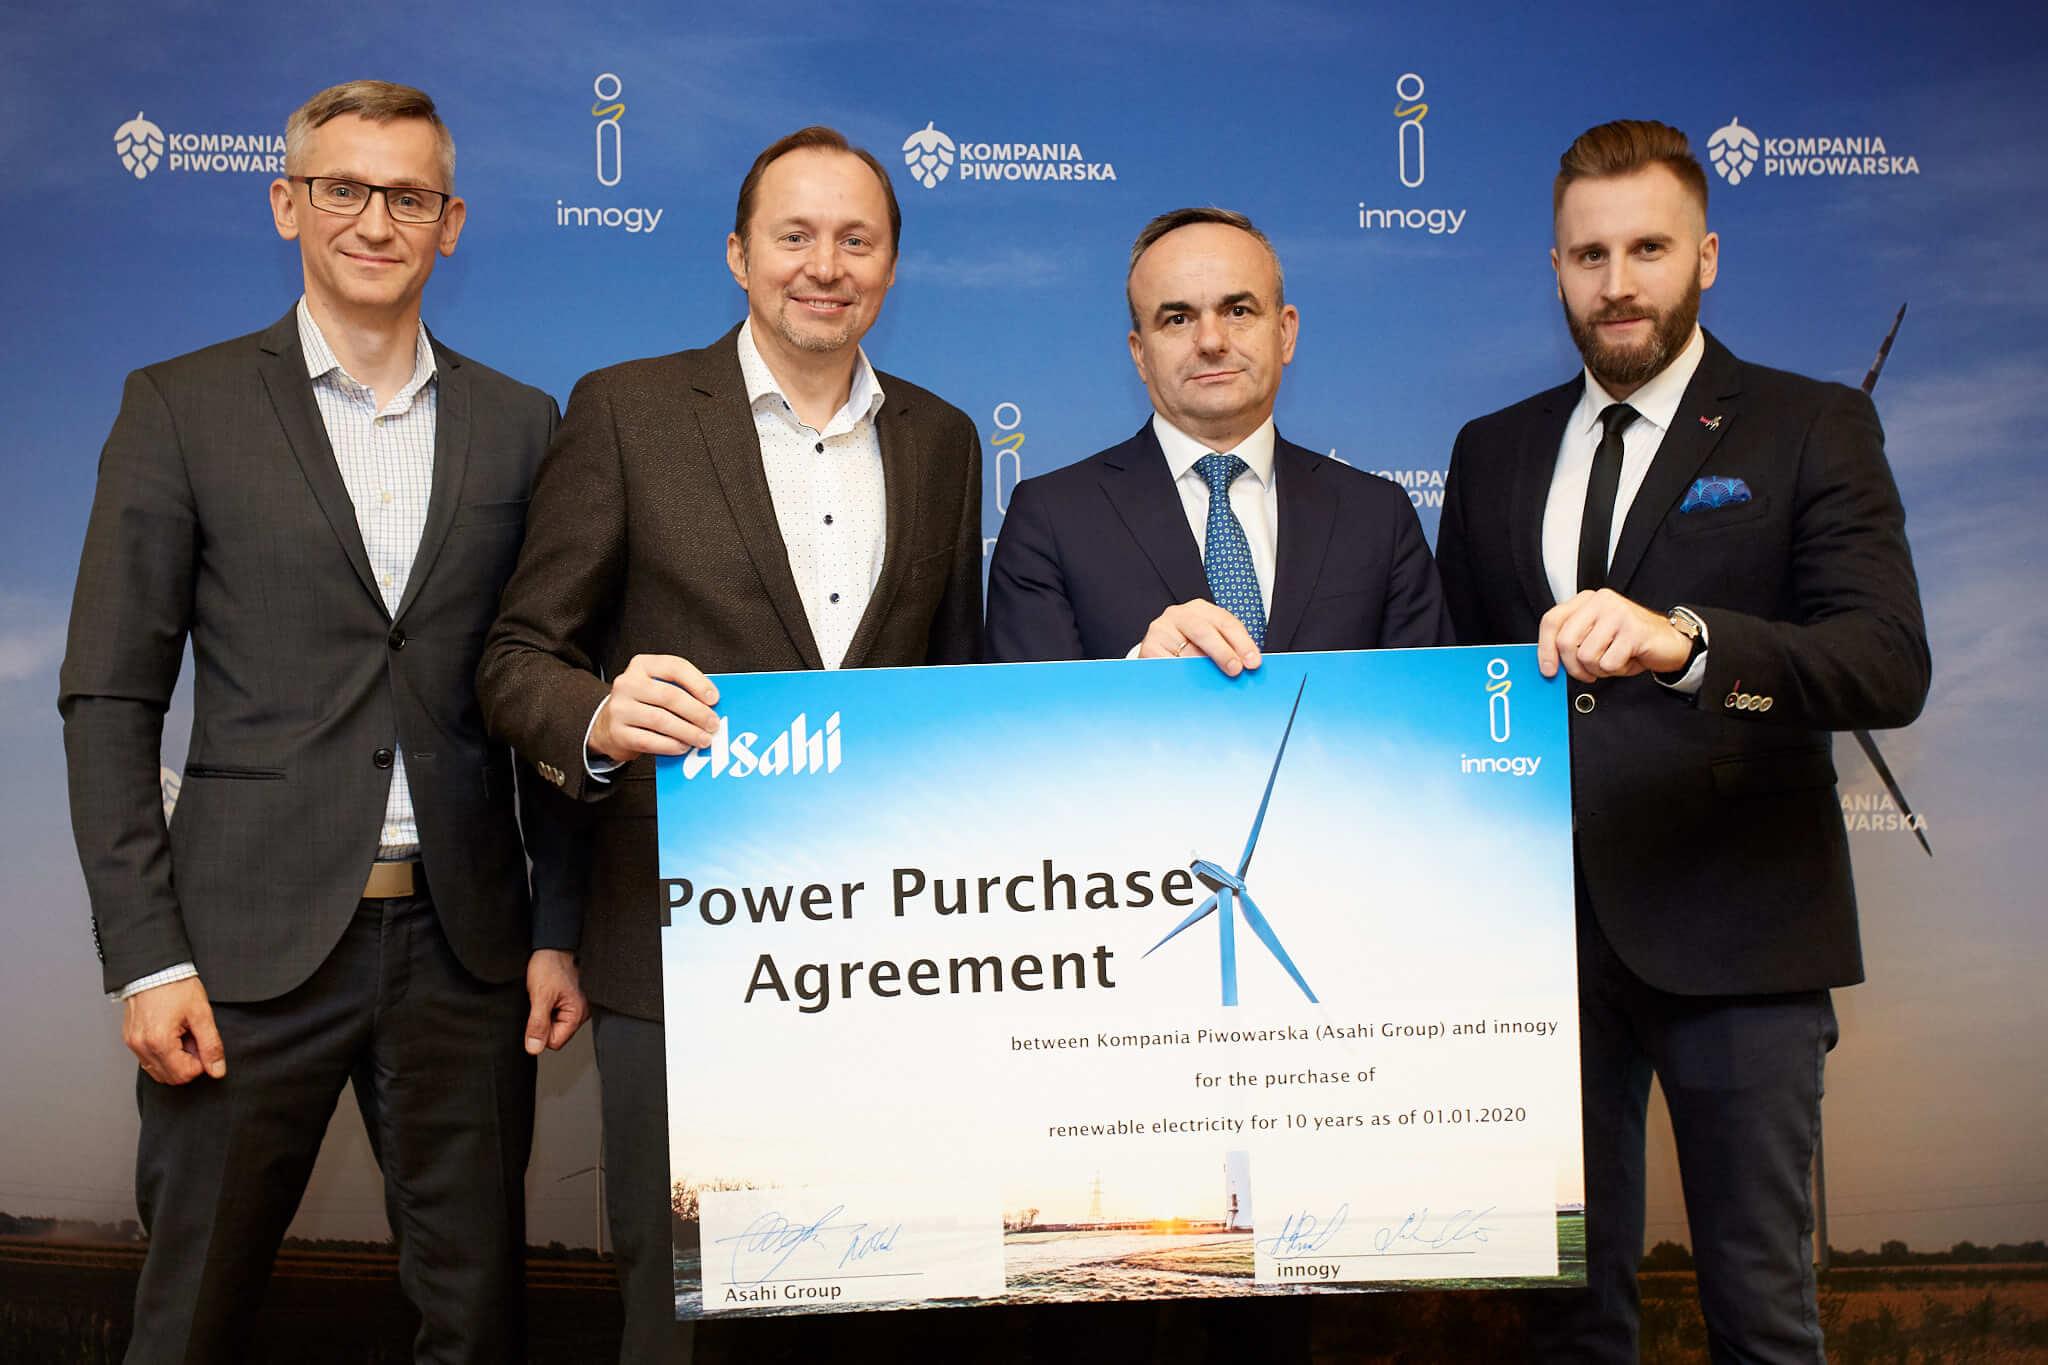 Podpisanie umowy przez Kompanię Piwowarską oraz Innogy.